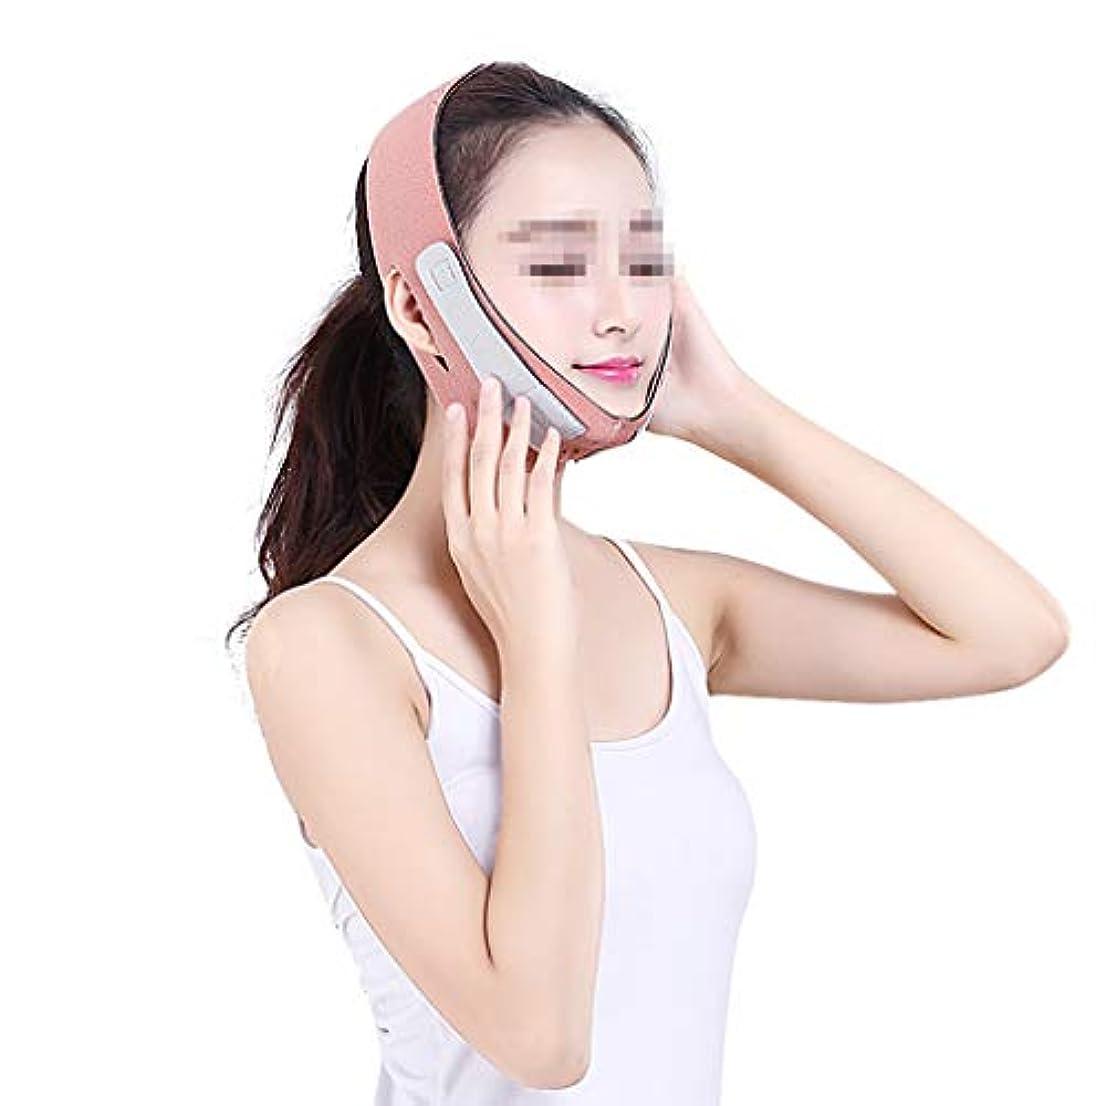 プラグ耳侮辱XHLMRMJ 顔の持ち上がる睡眠のV顔の包帯、マスクの顔の顔のマッサージャーのあごの顔の持ち上がる顔の持ち上がる顔の持ち上がる機械